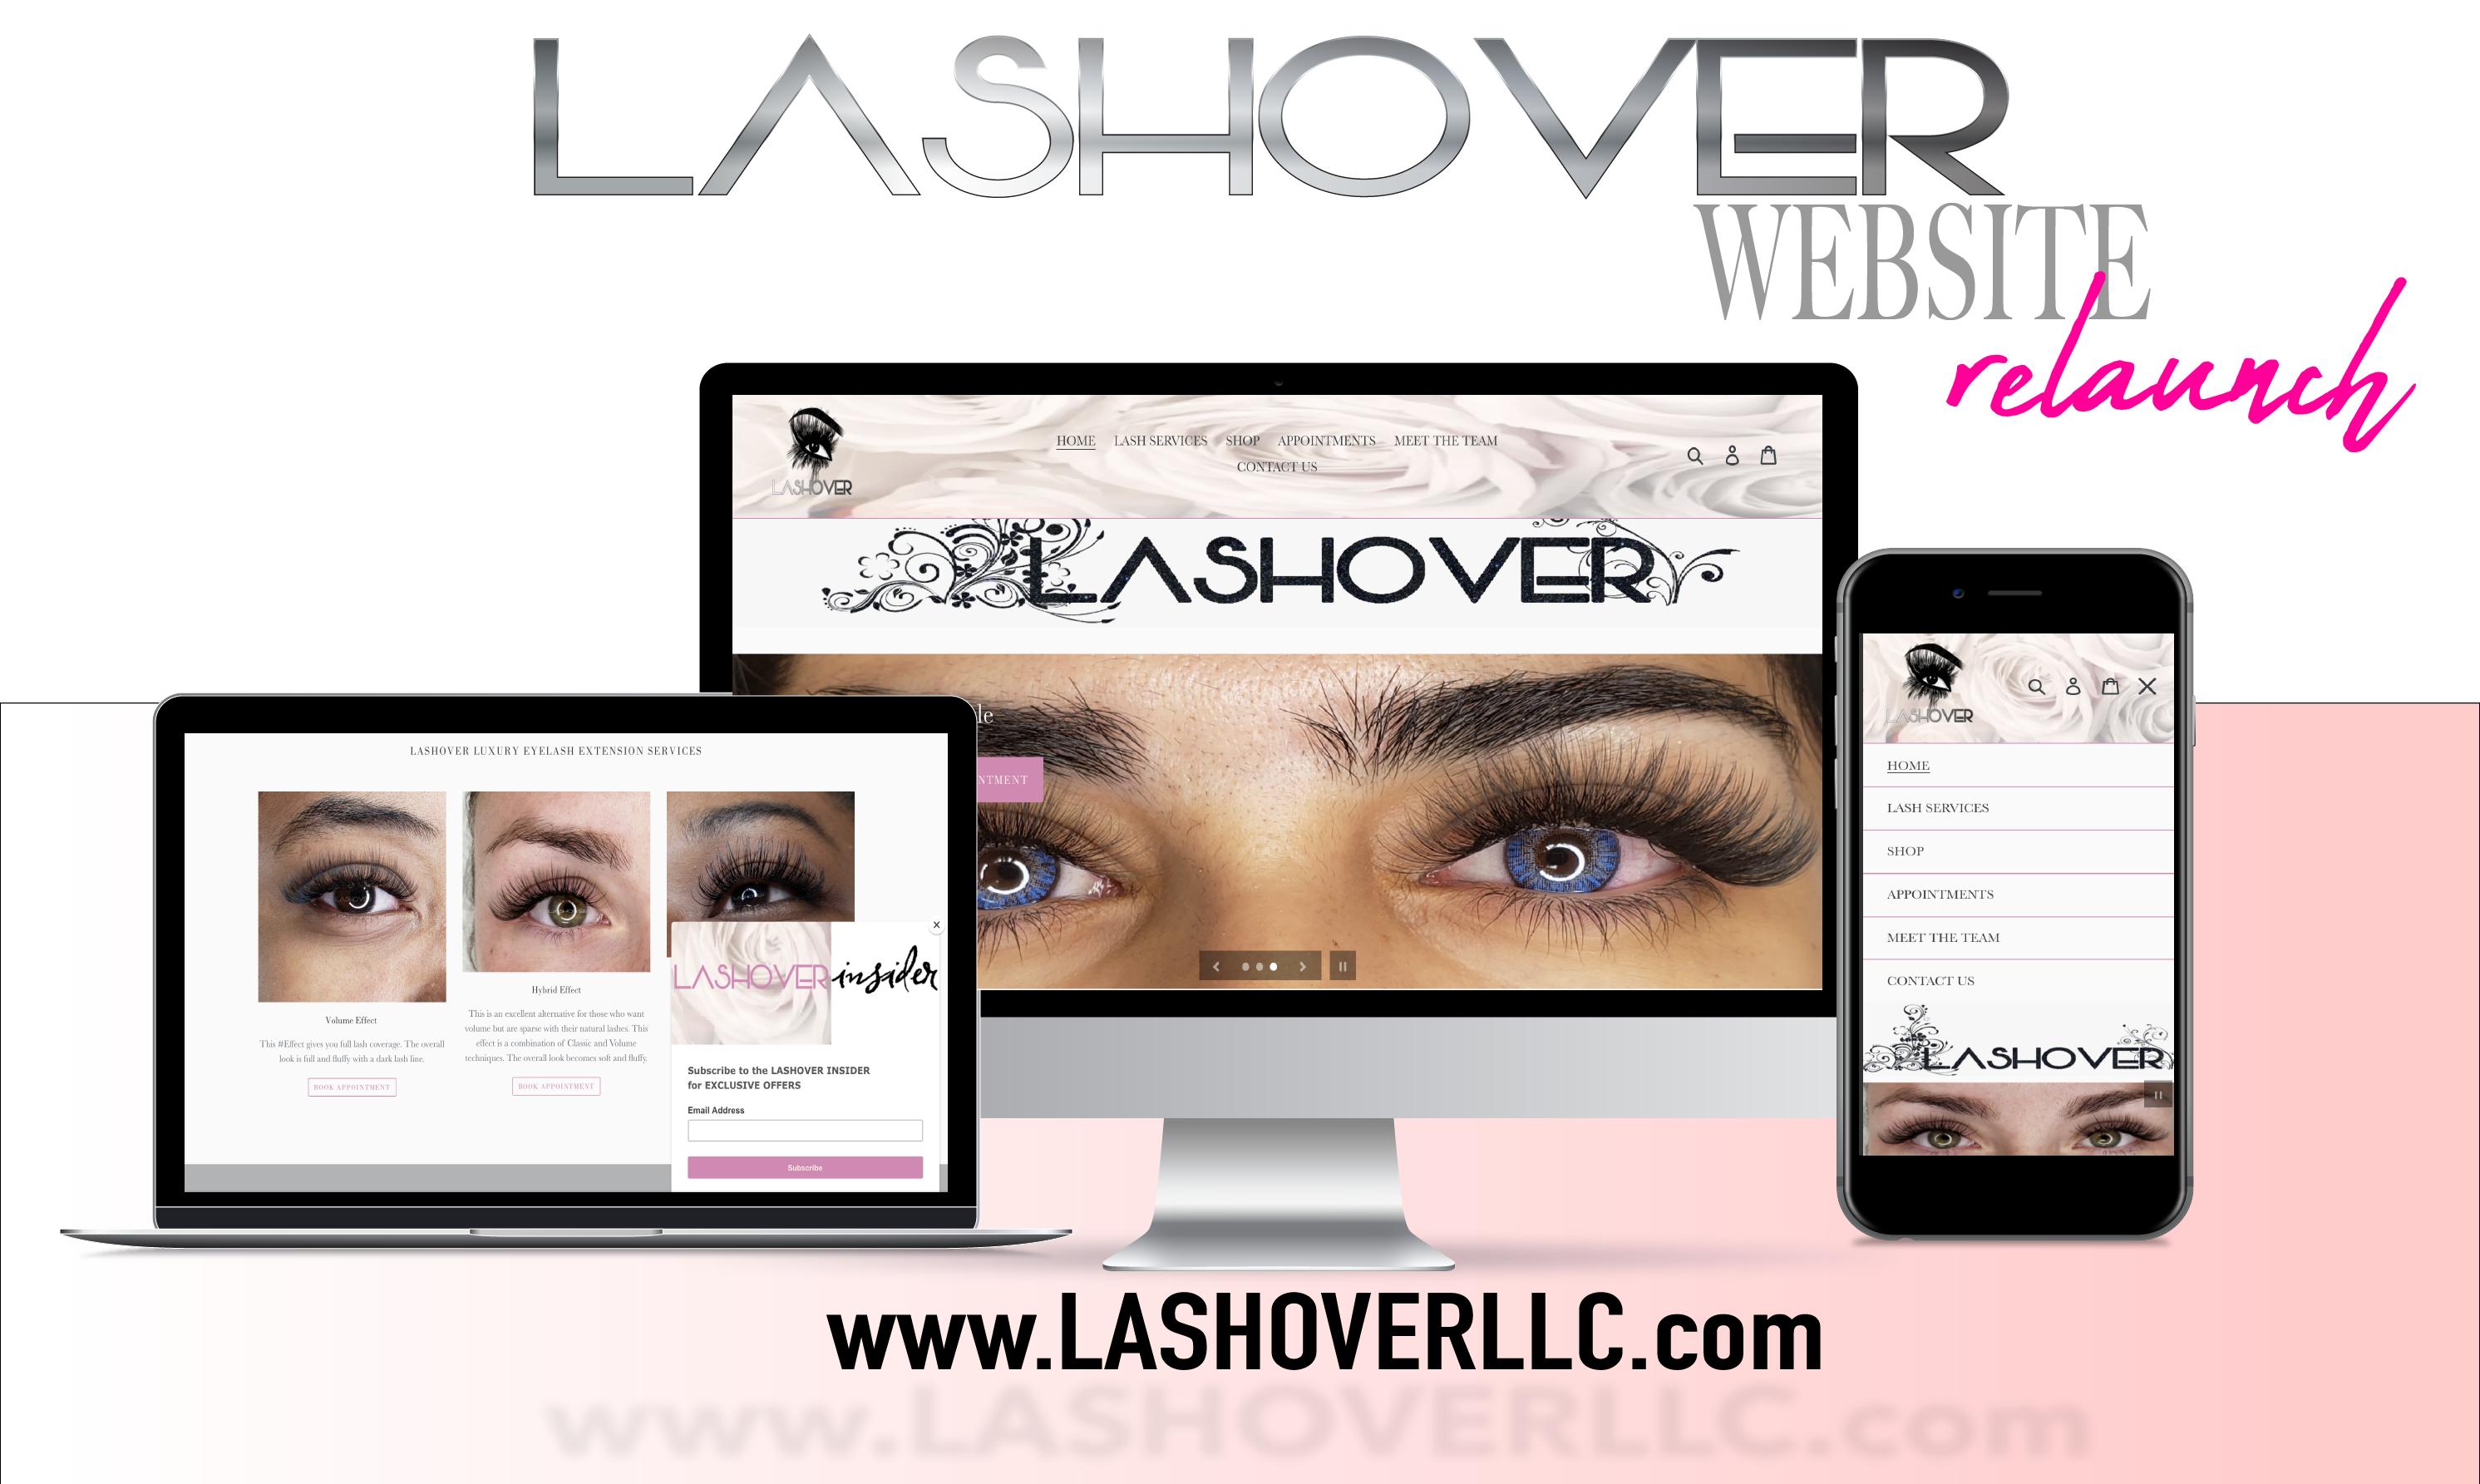 LASHOVER